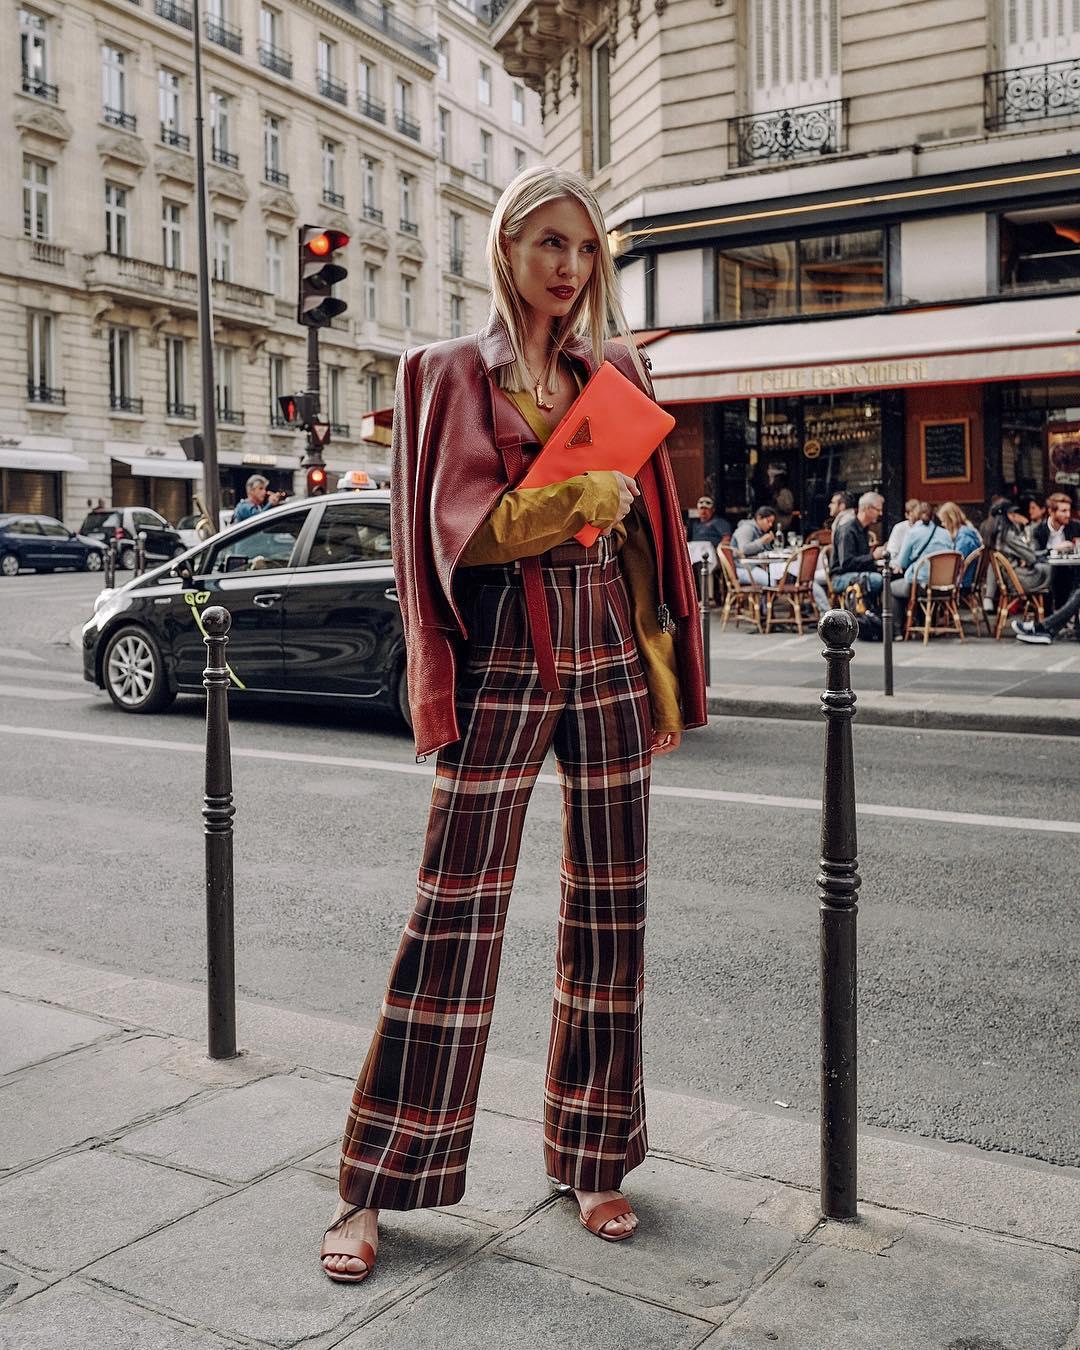 3f0b0ee10ad5 Yπόθεση Πουλόβερ  Η αγαπημένη fashion blogger Rachel Parcell μας δείχνει  ποια πουλόβερ να αγοράσουμε φέτος